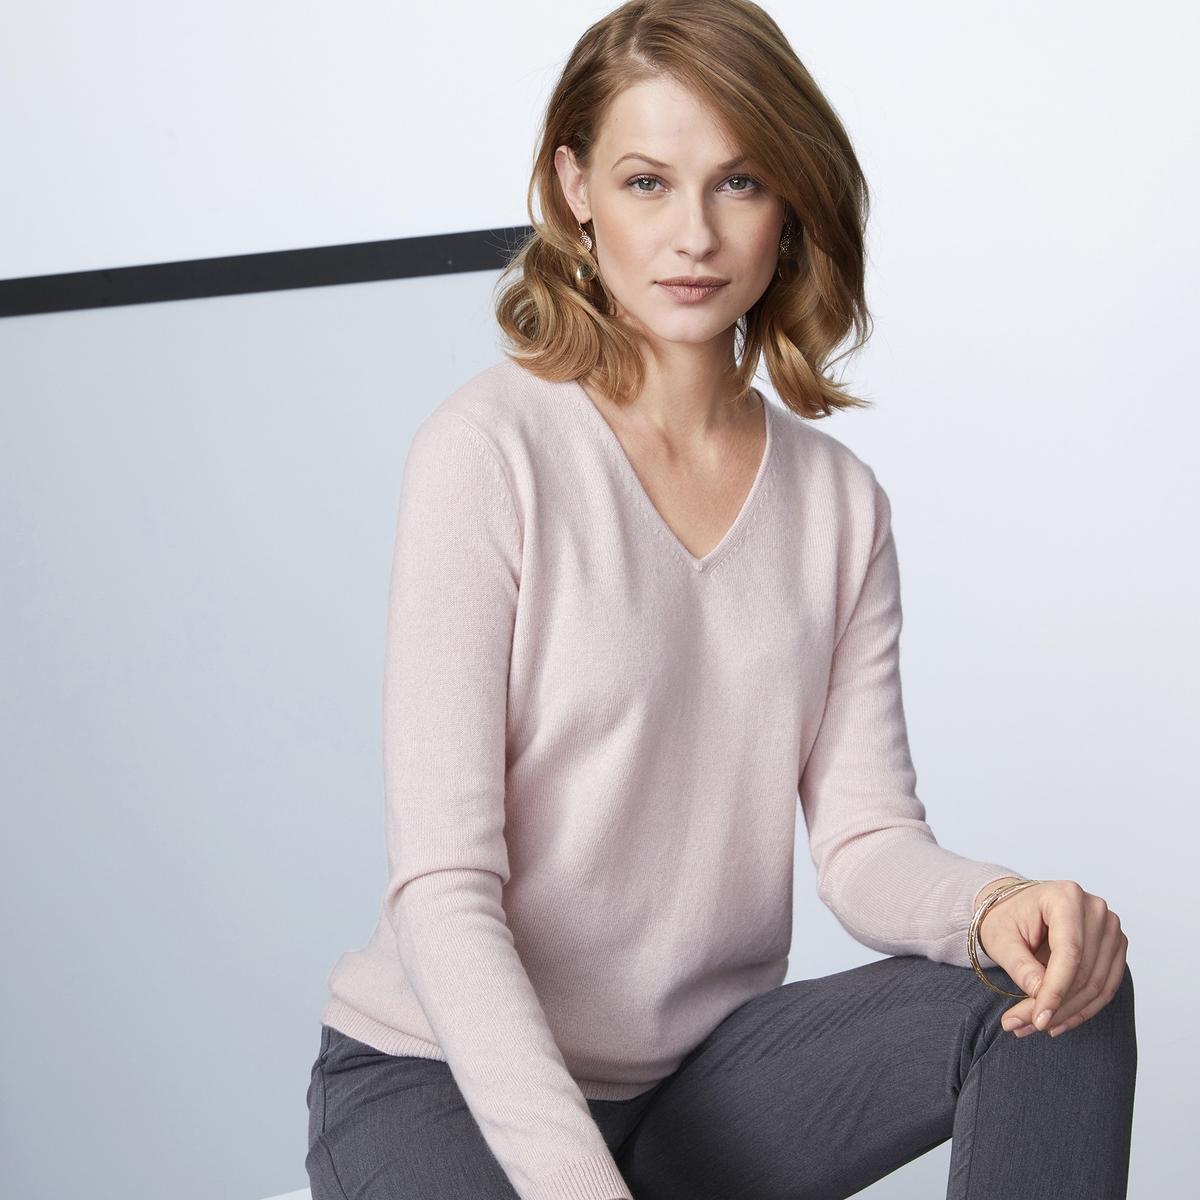 Imagen secundaria de producto de Jersey con cuello de pico de punto fino, 100% cachemir - Anne weyburn